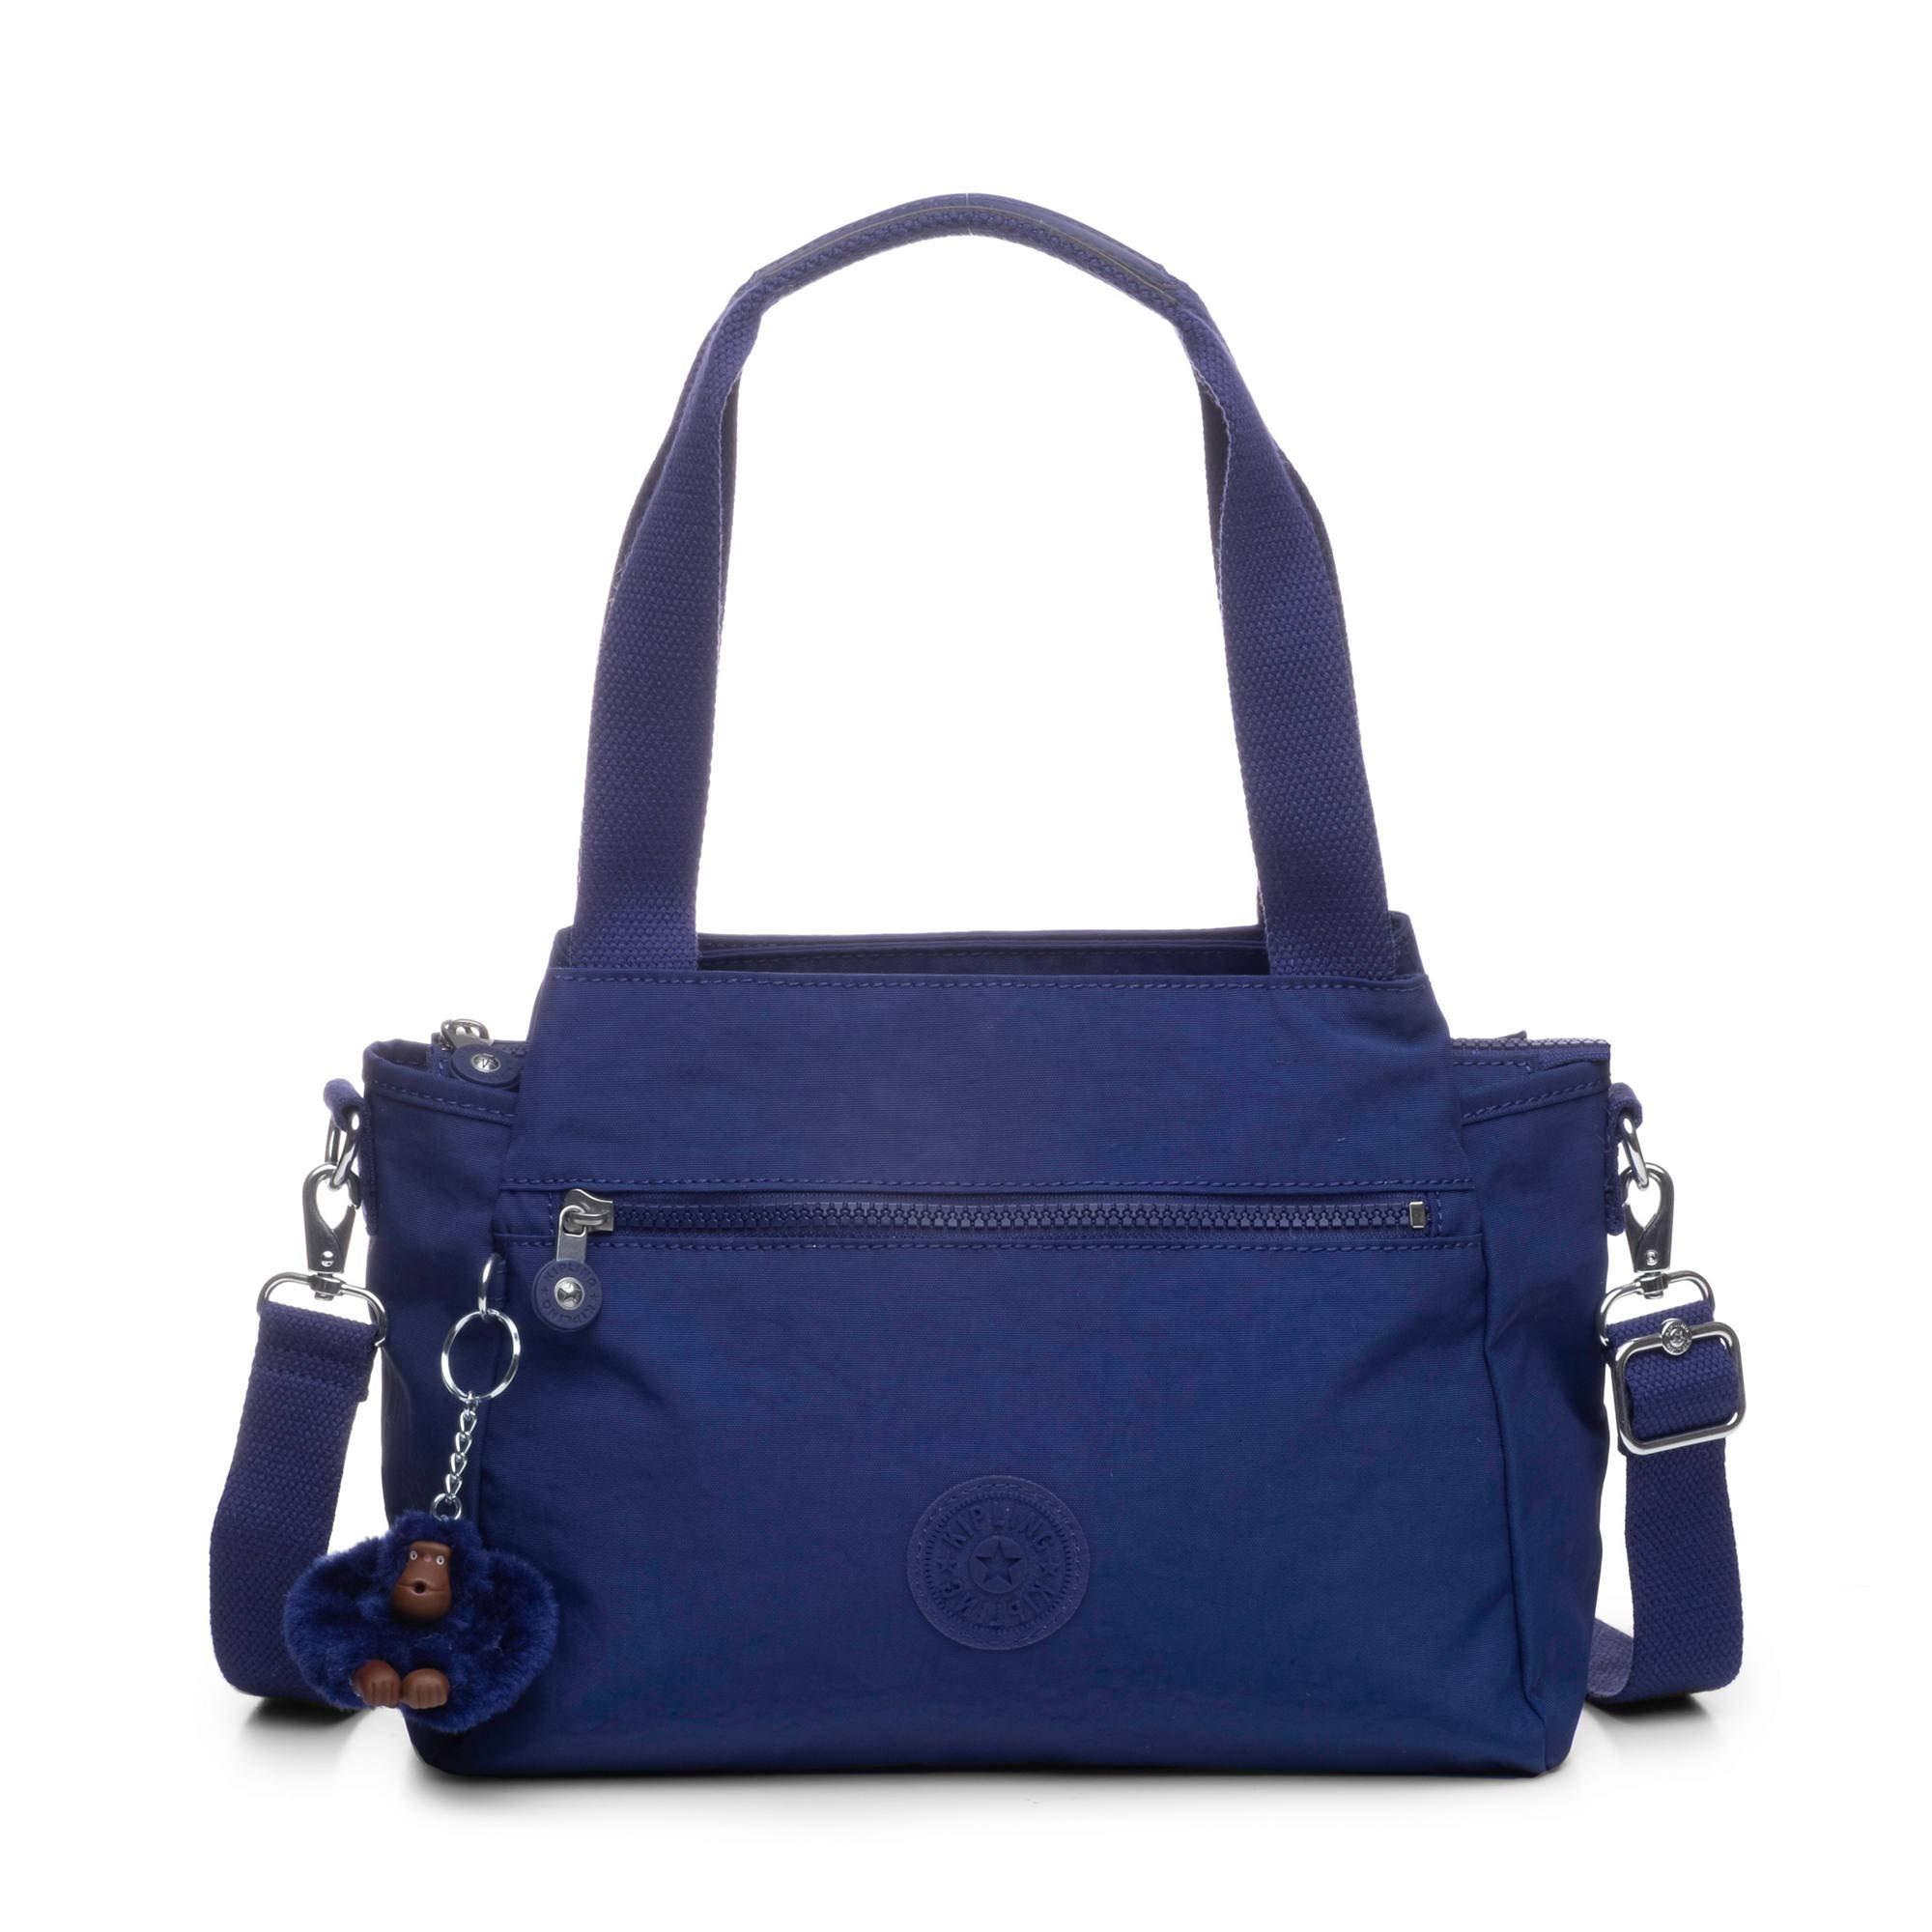 BEGOOER petits sacs pour femmes 2019 Vintage Messenger sac filles rabat en cuir véritable sacs à bandoulière mode sac à bandoulière femme